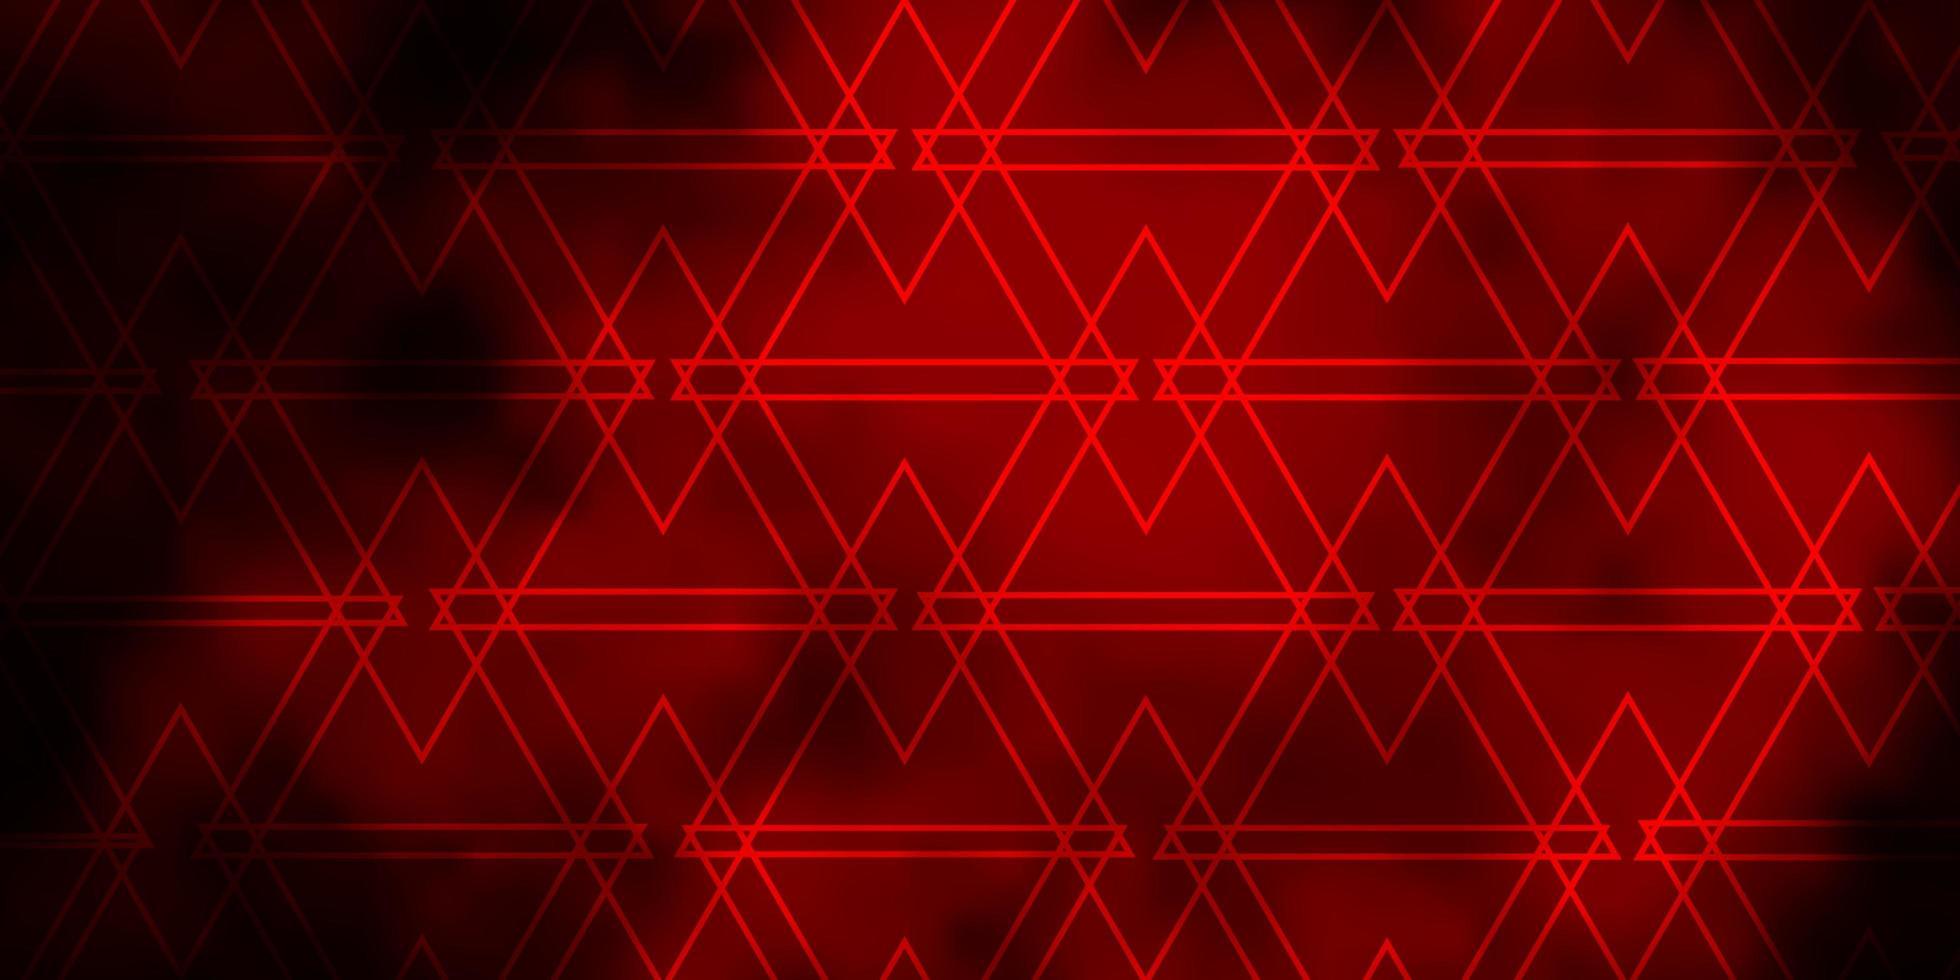 layout de vetor vermelho escuro com linhas, triângulos.